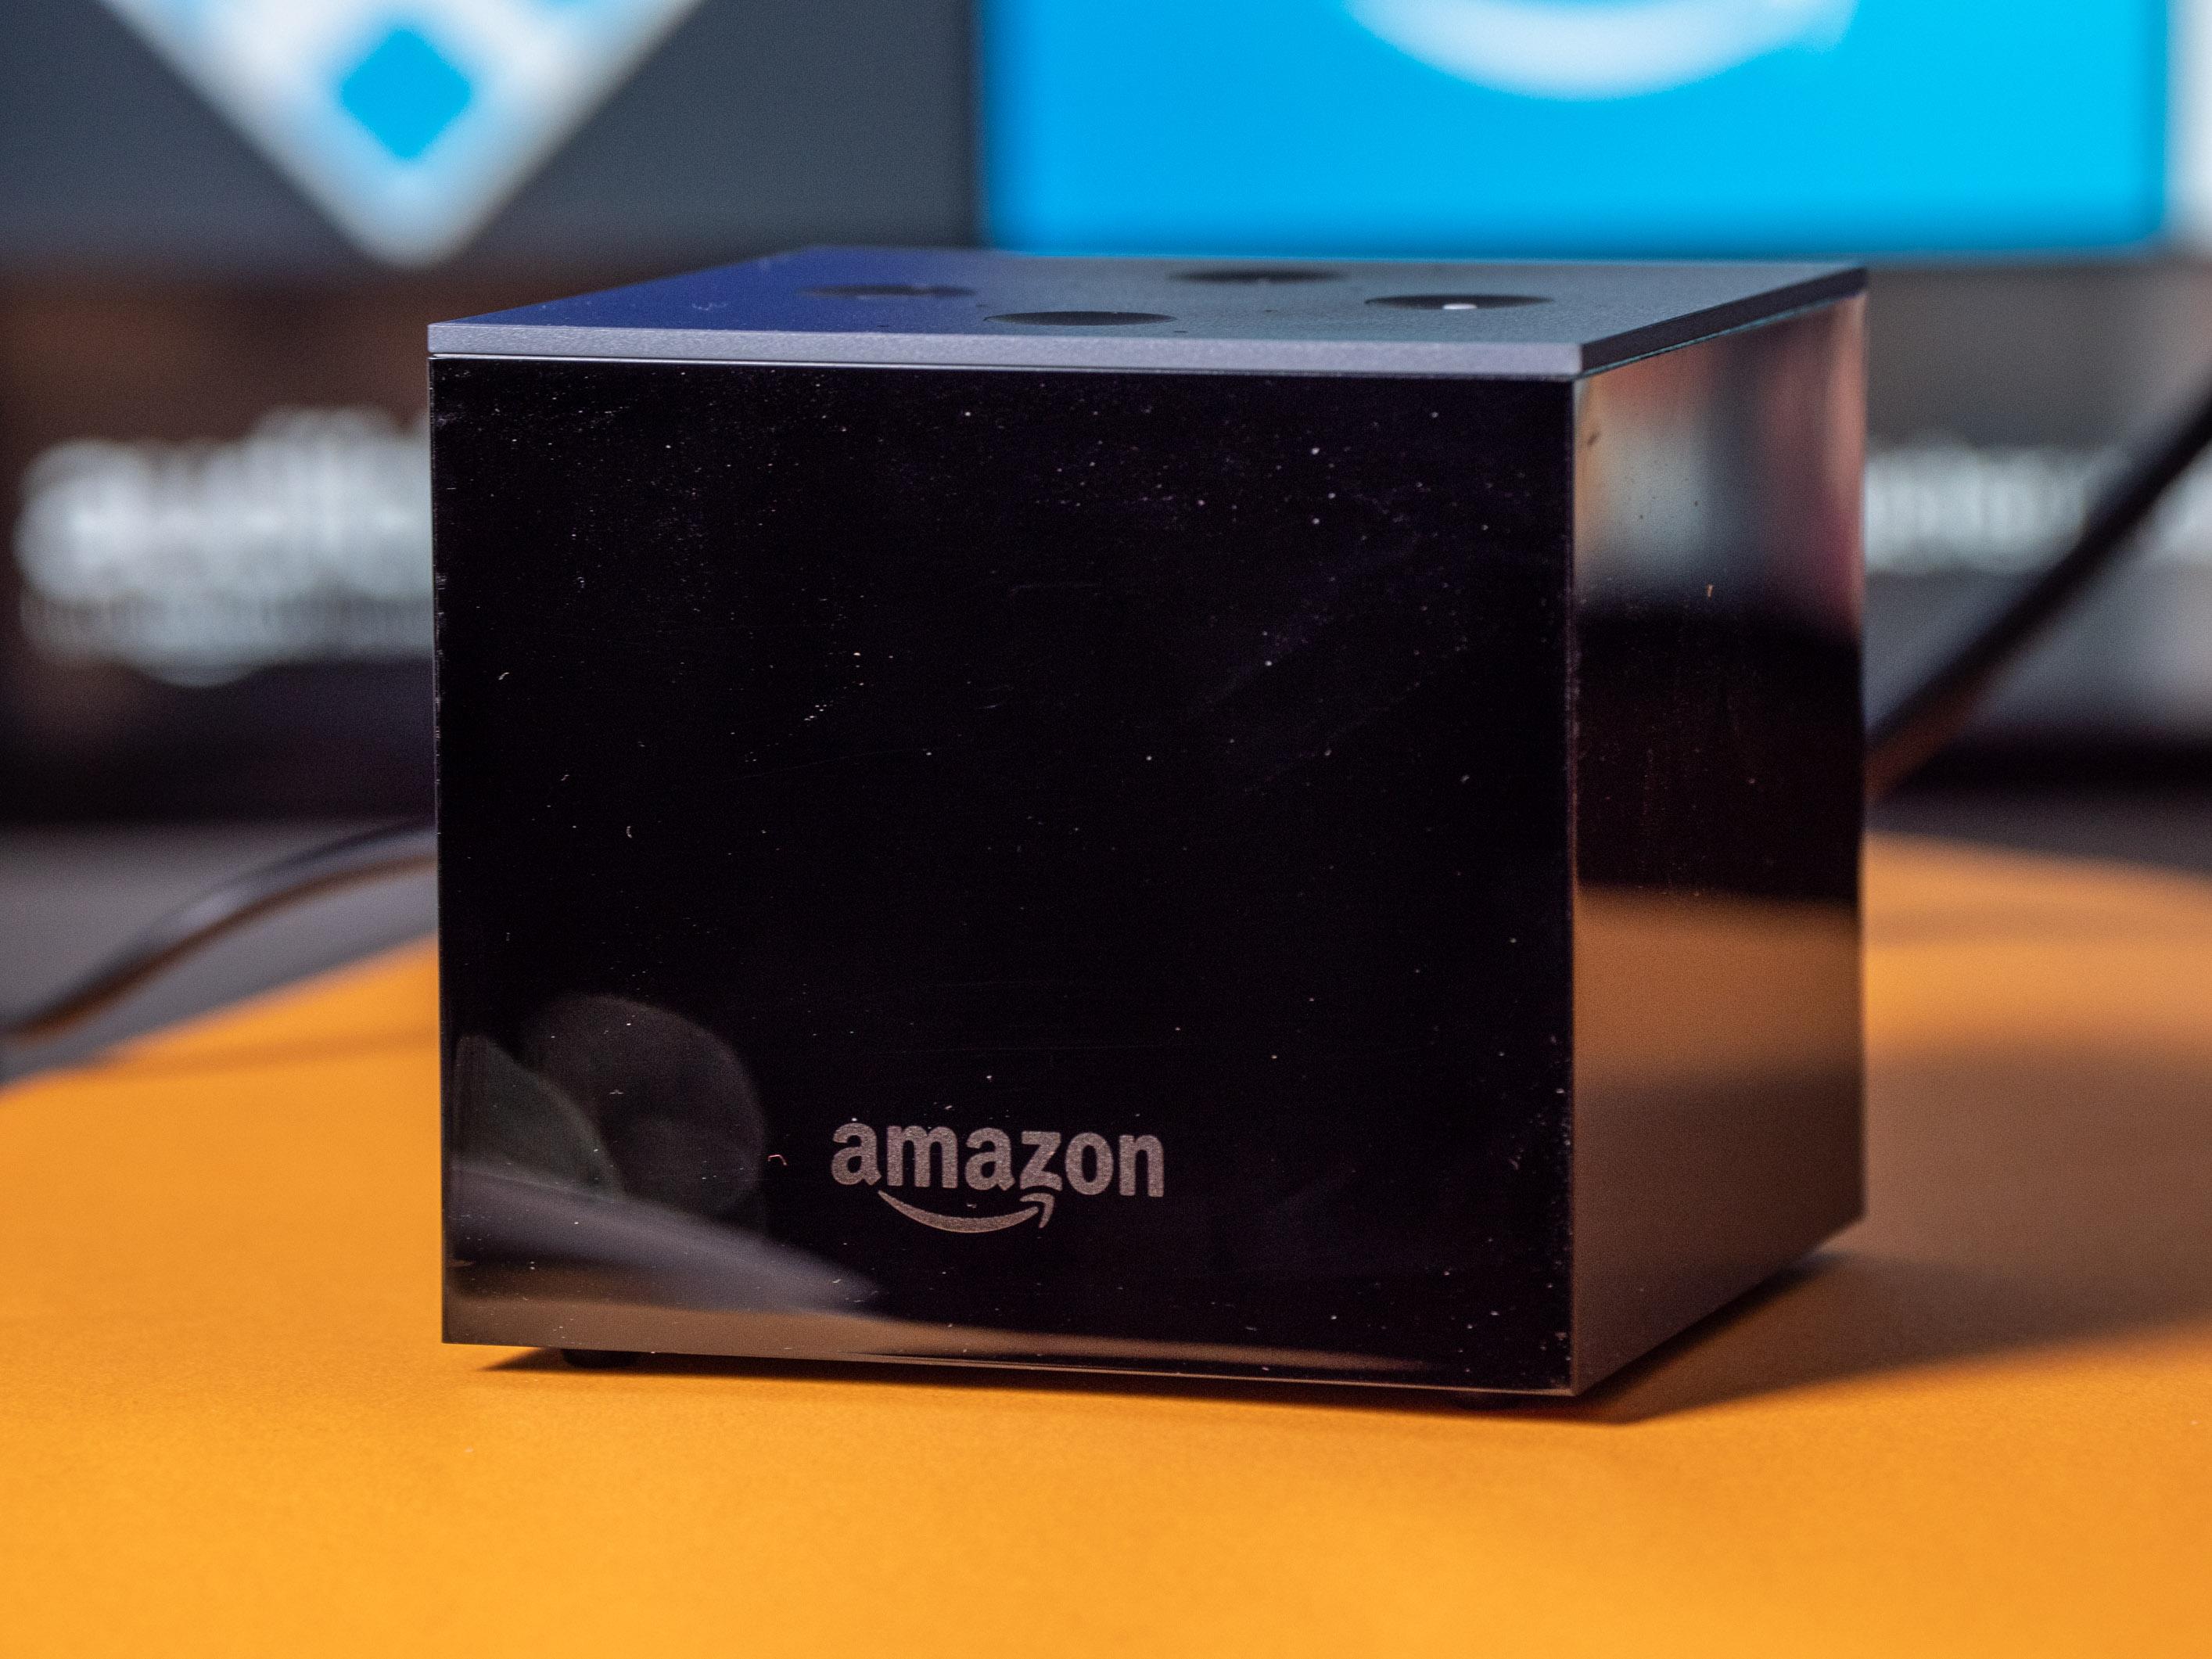 Fire TV Cube im Praxistest: Das beste Fire TV mit fast perfekter Alexa-Sprachsteuerung - Amazons Fire TV Cube ohne aktivierte LED-Kante (Bild: Martin Wolf/Golem.de)